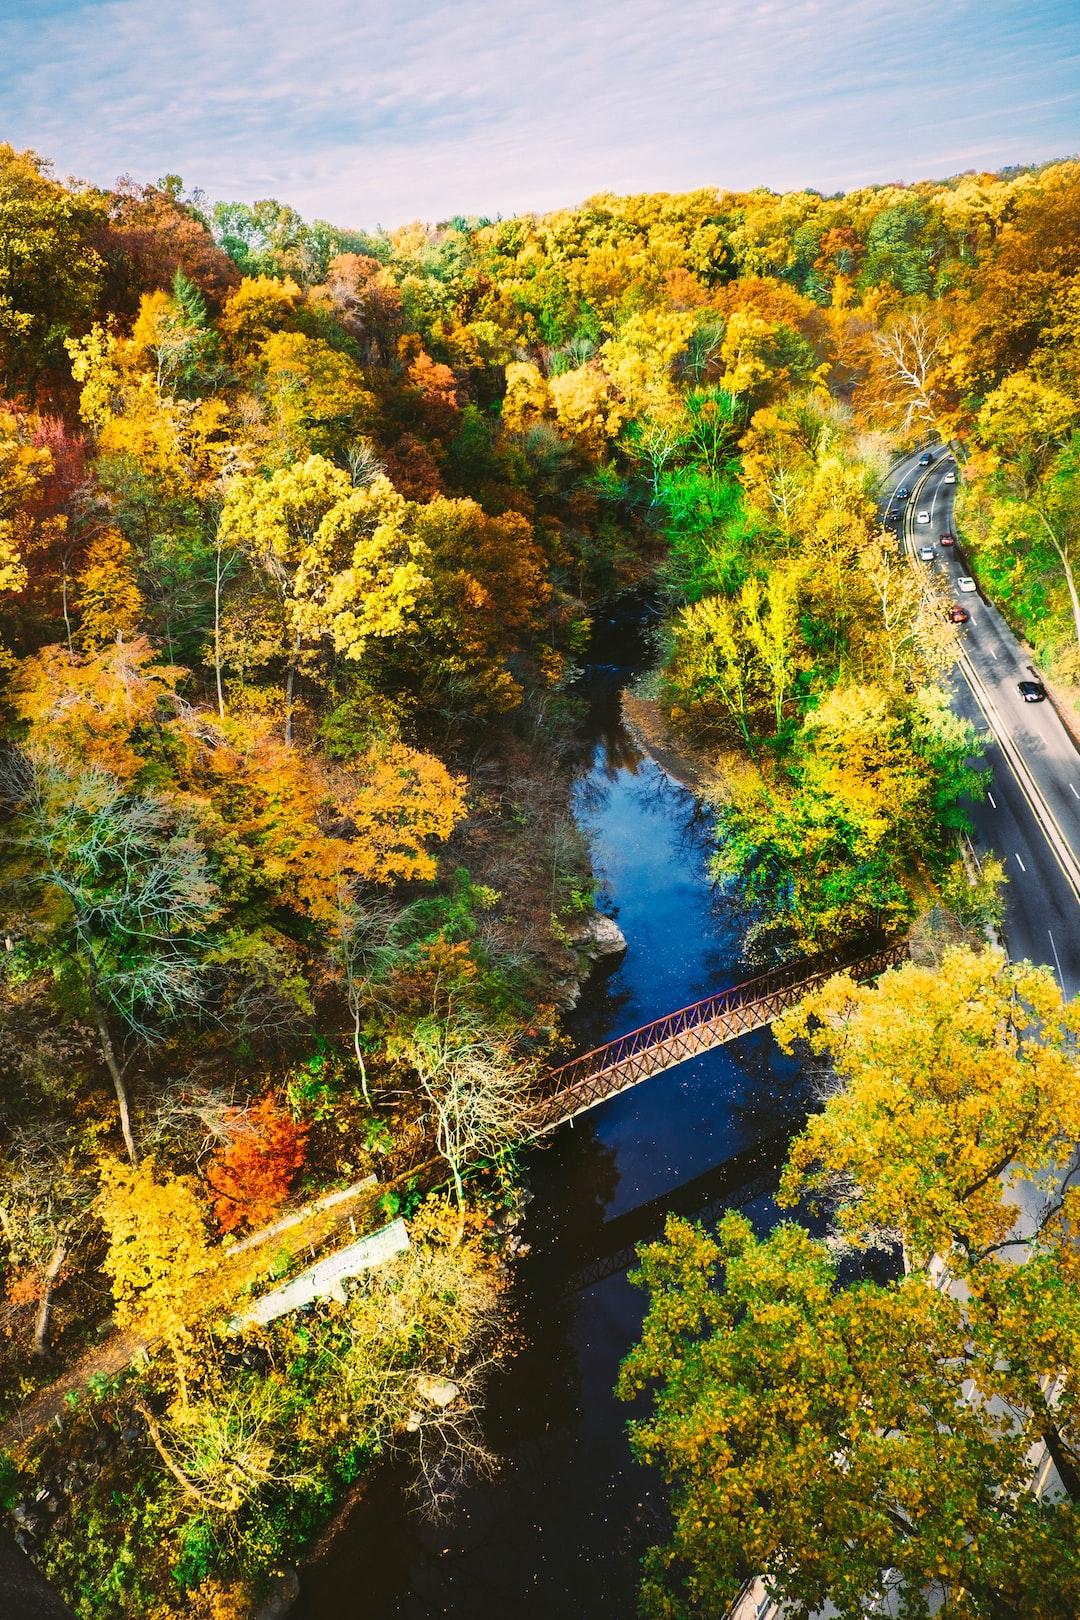 Scenic river with a bridge